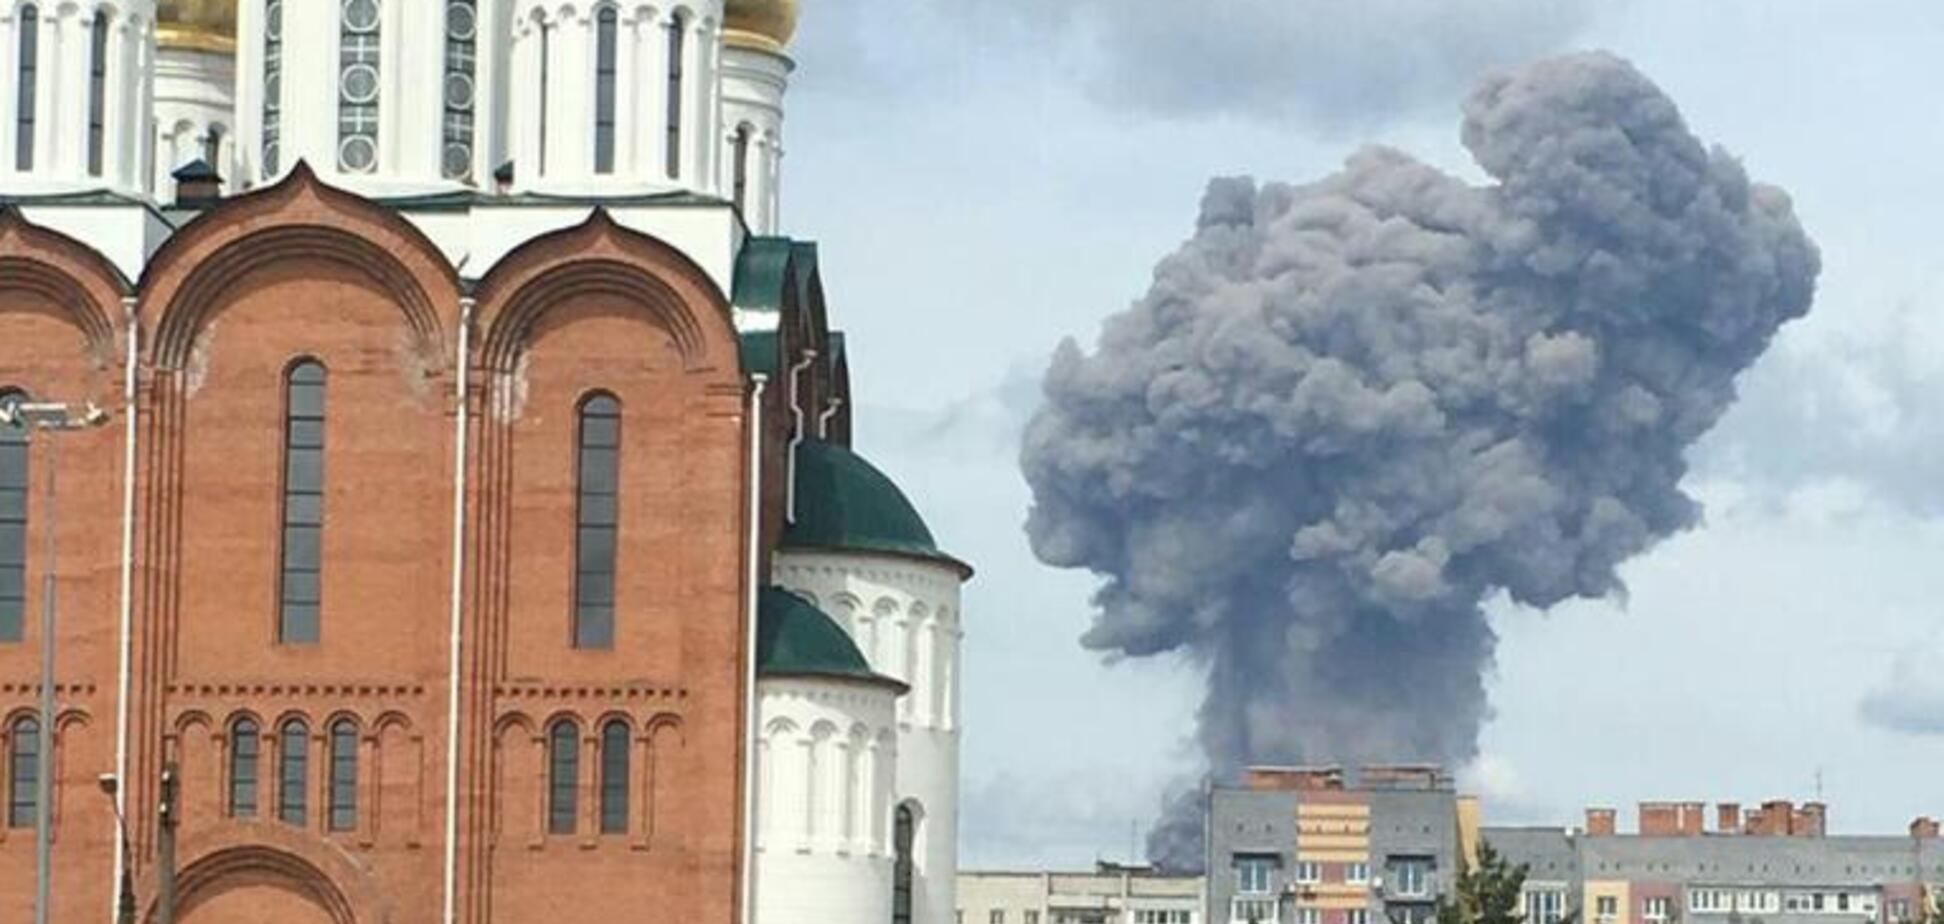 'Выбило стекла в домах': в Дзержинске мощно рванул завод боеприпасов. Фото и видео ЧП